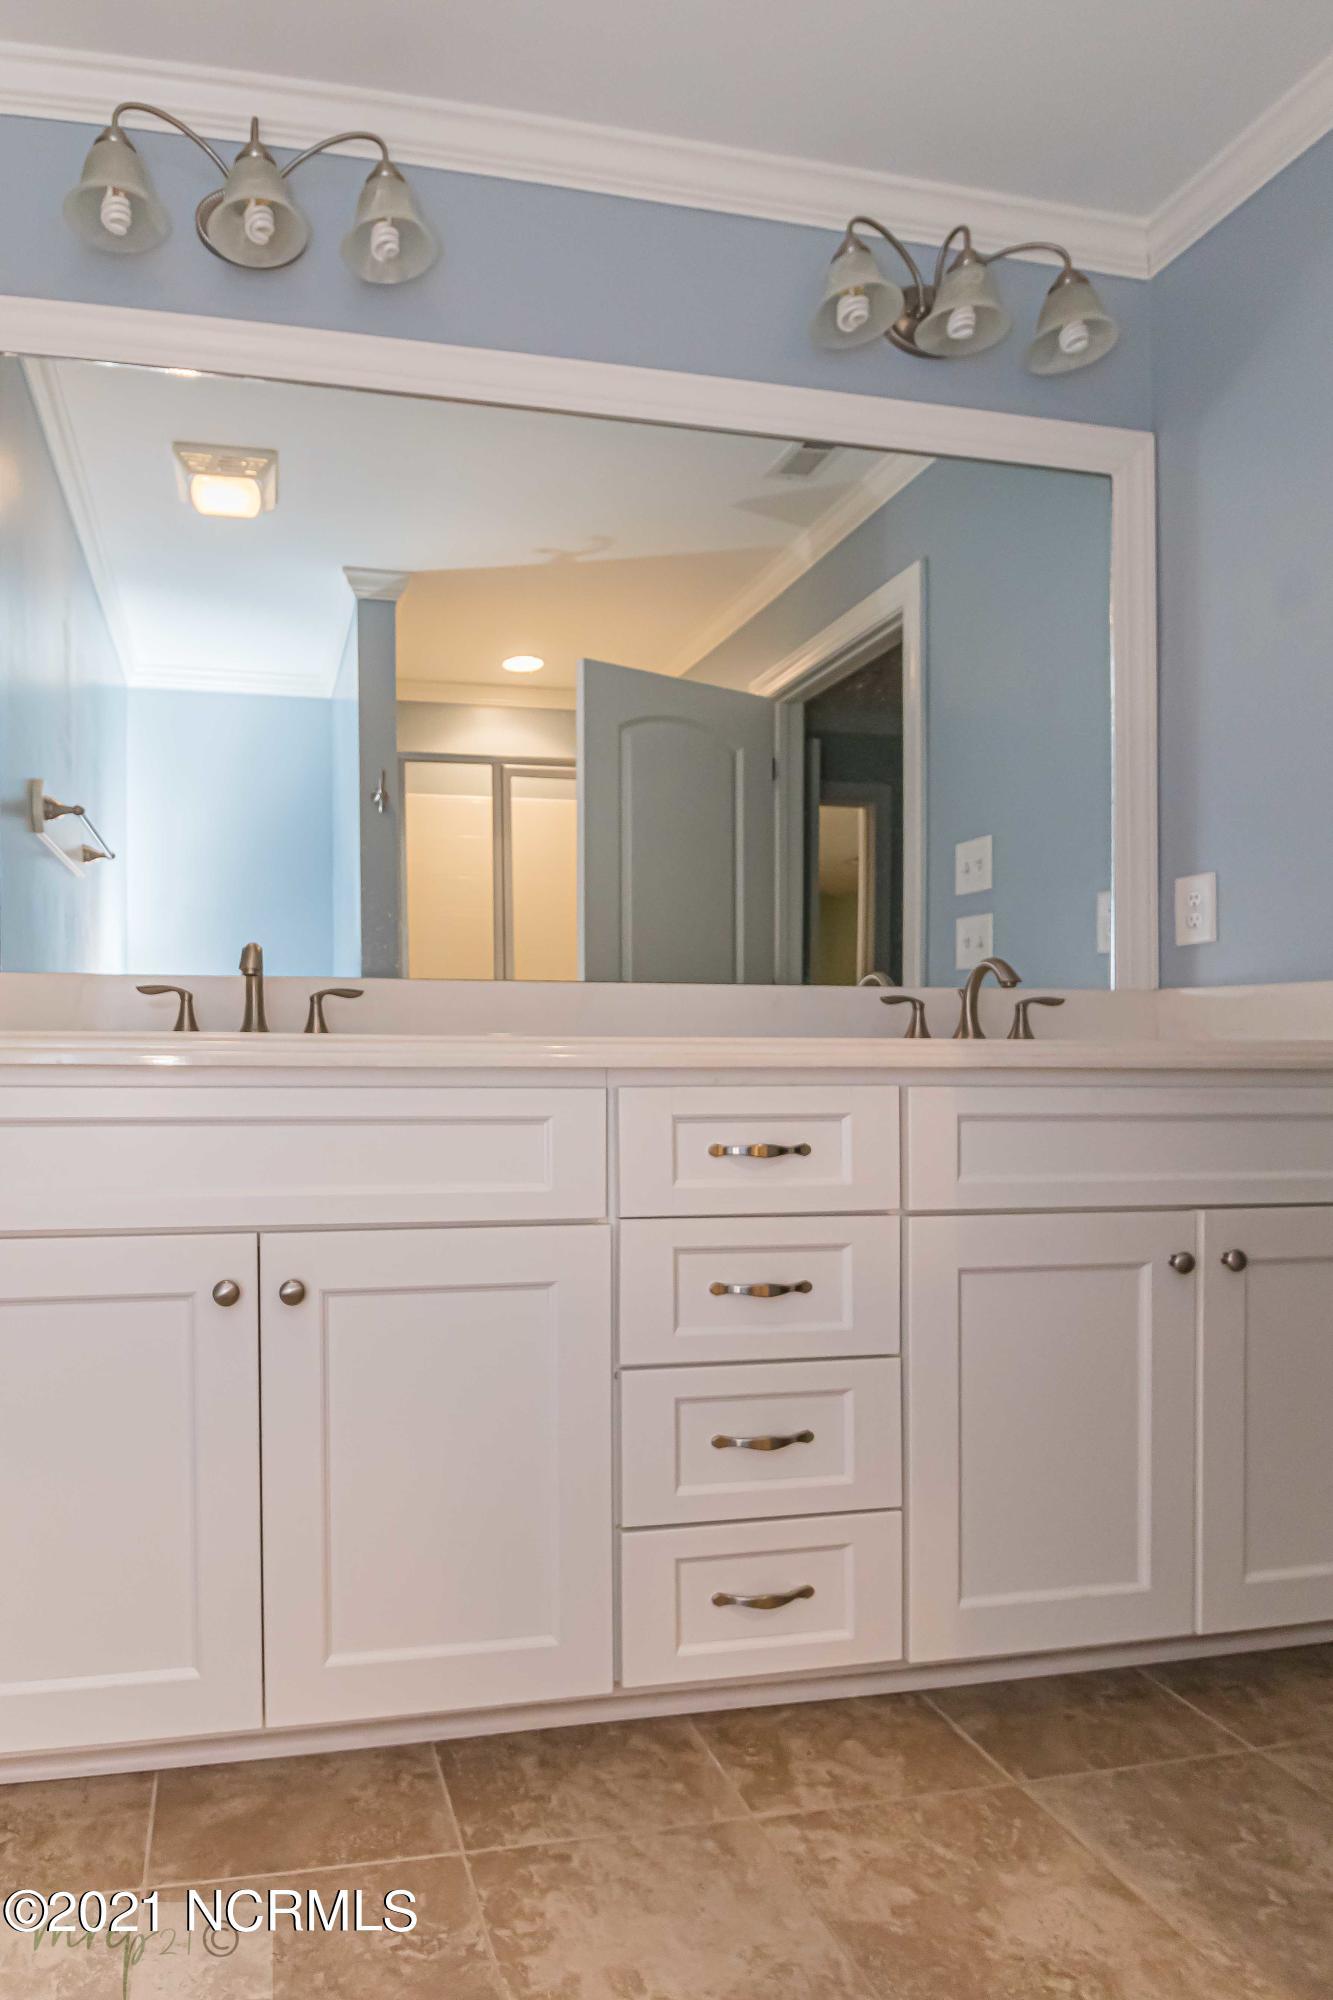 146 Oxford Drive, Goldsboro, North Carolina 27534, 3 Bedrooms Bedrooms, 5 Rooms Rooms,2 BathroomsBathrooms,Townhouse,For sale,Oxford,100264487